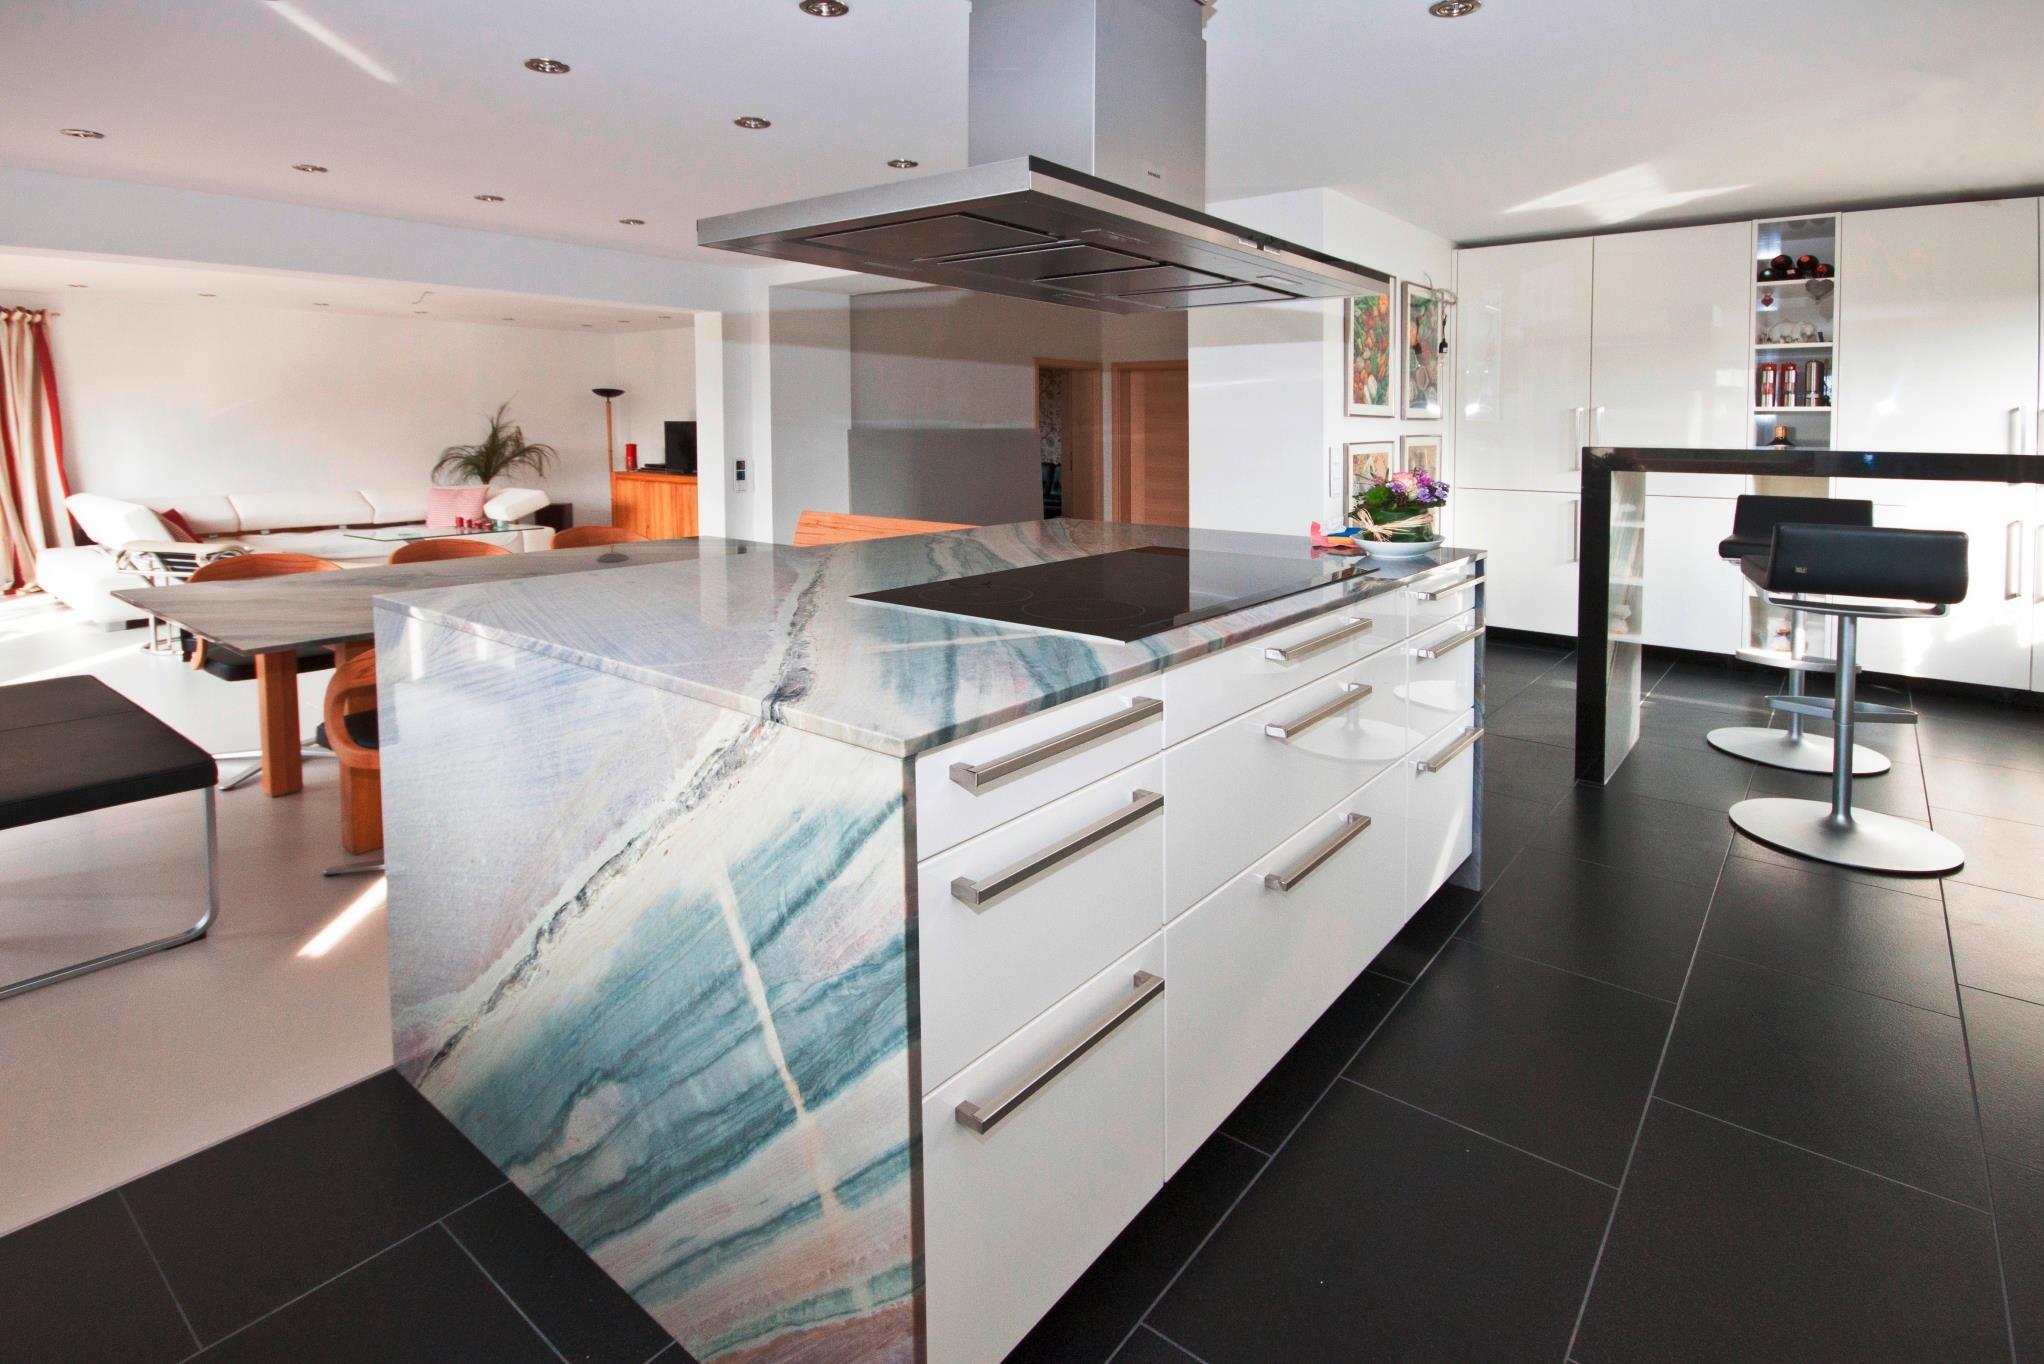 Full Size of Granit Arbeitsplatte Arbeitsplatten Küche Sideboard Mit Granitplatten Wohnzimmer Granit Arbeitsplatte